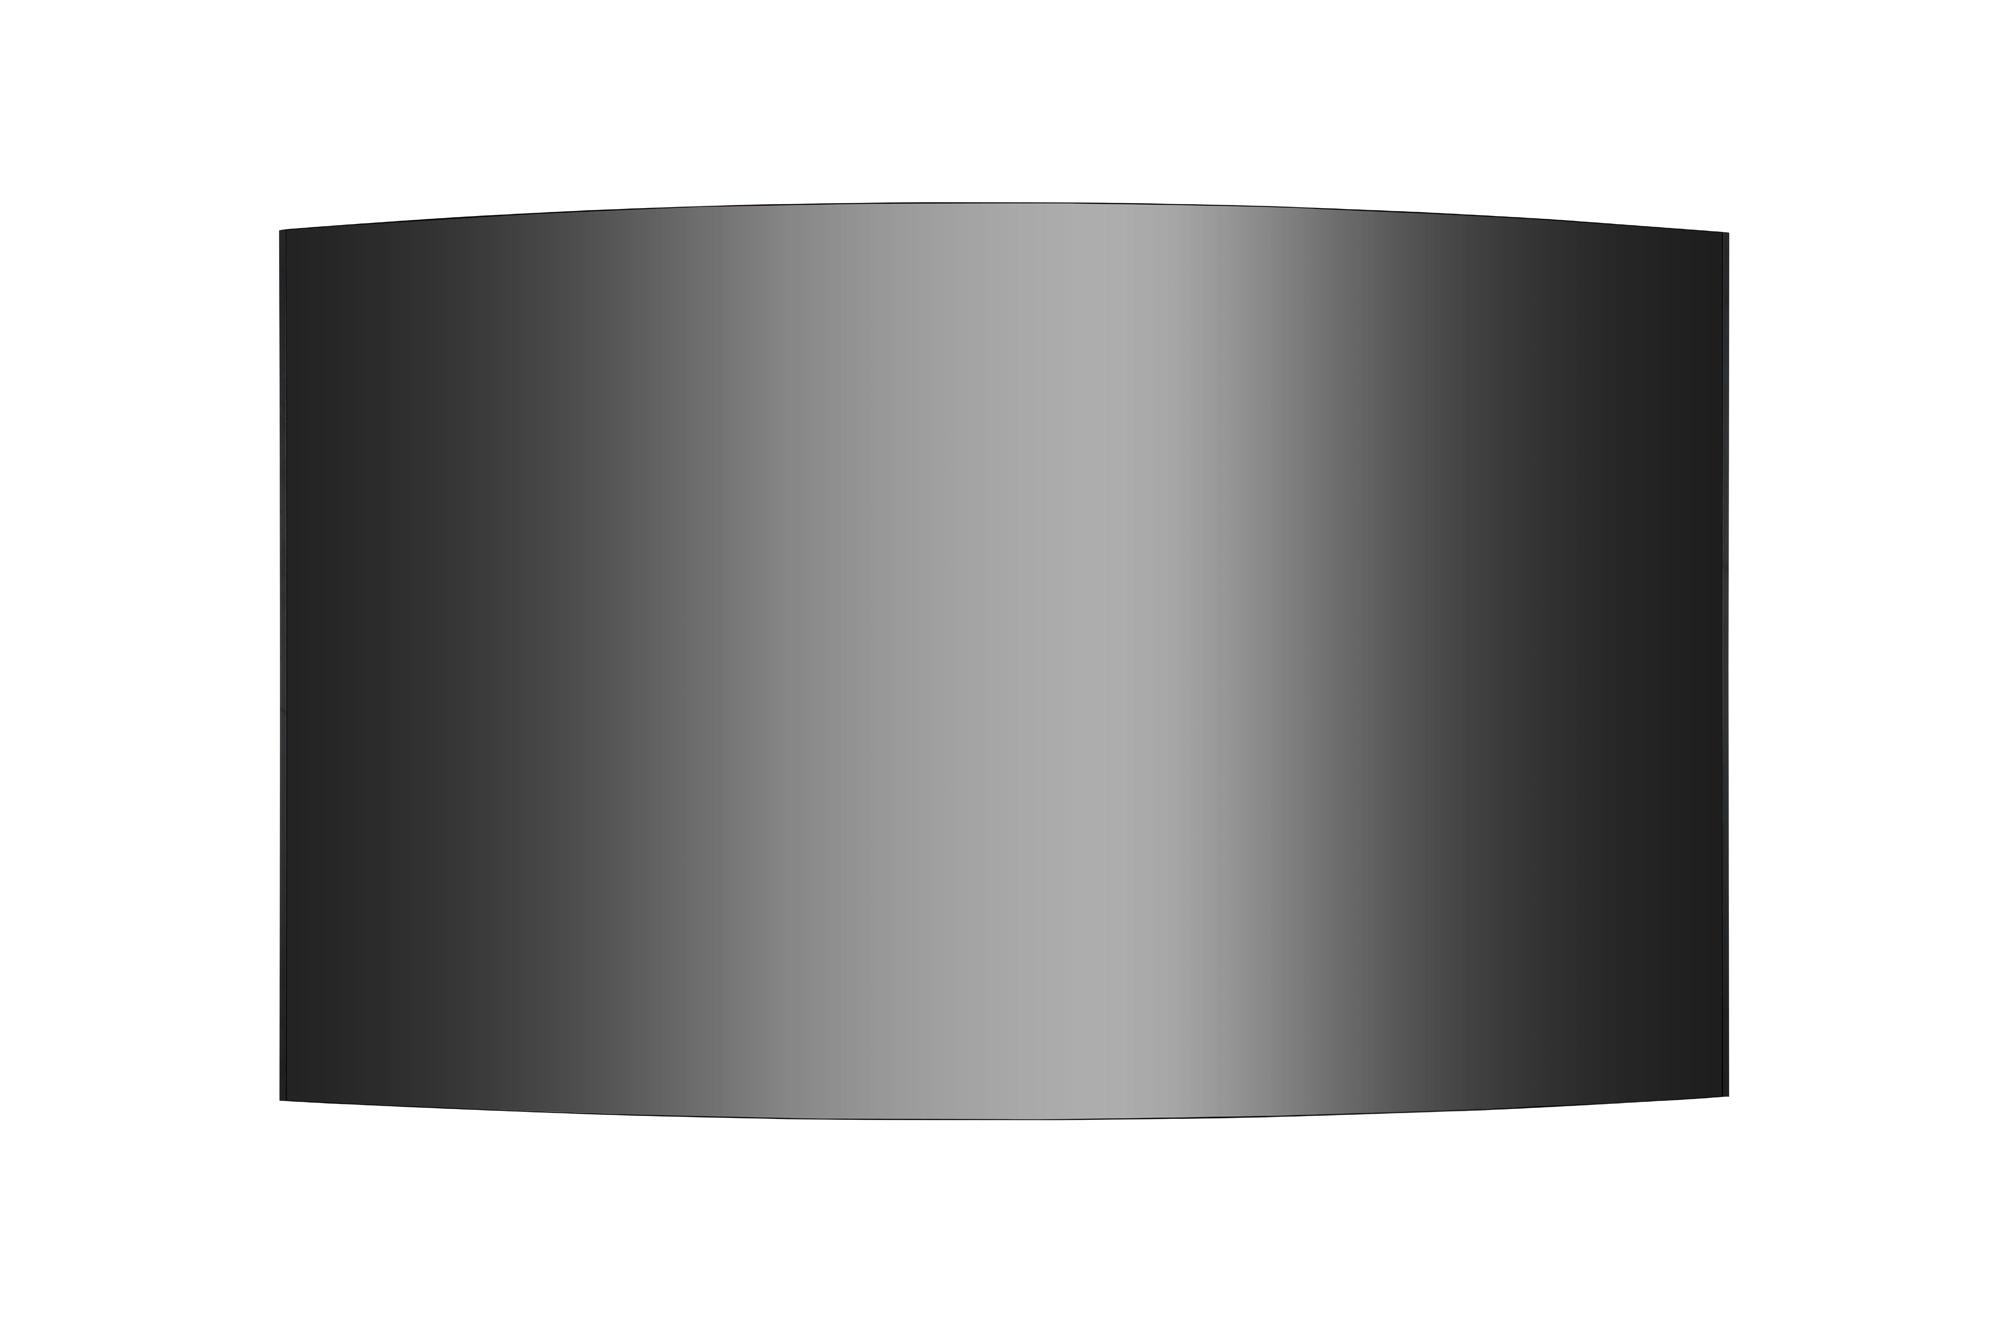 LG Curvable OLED 55EF5F-L 2